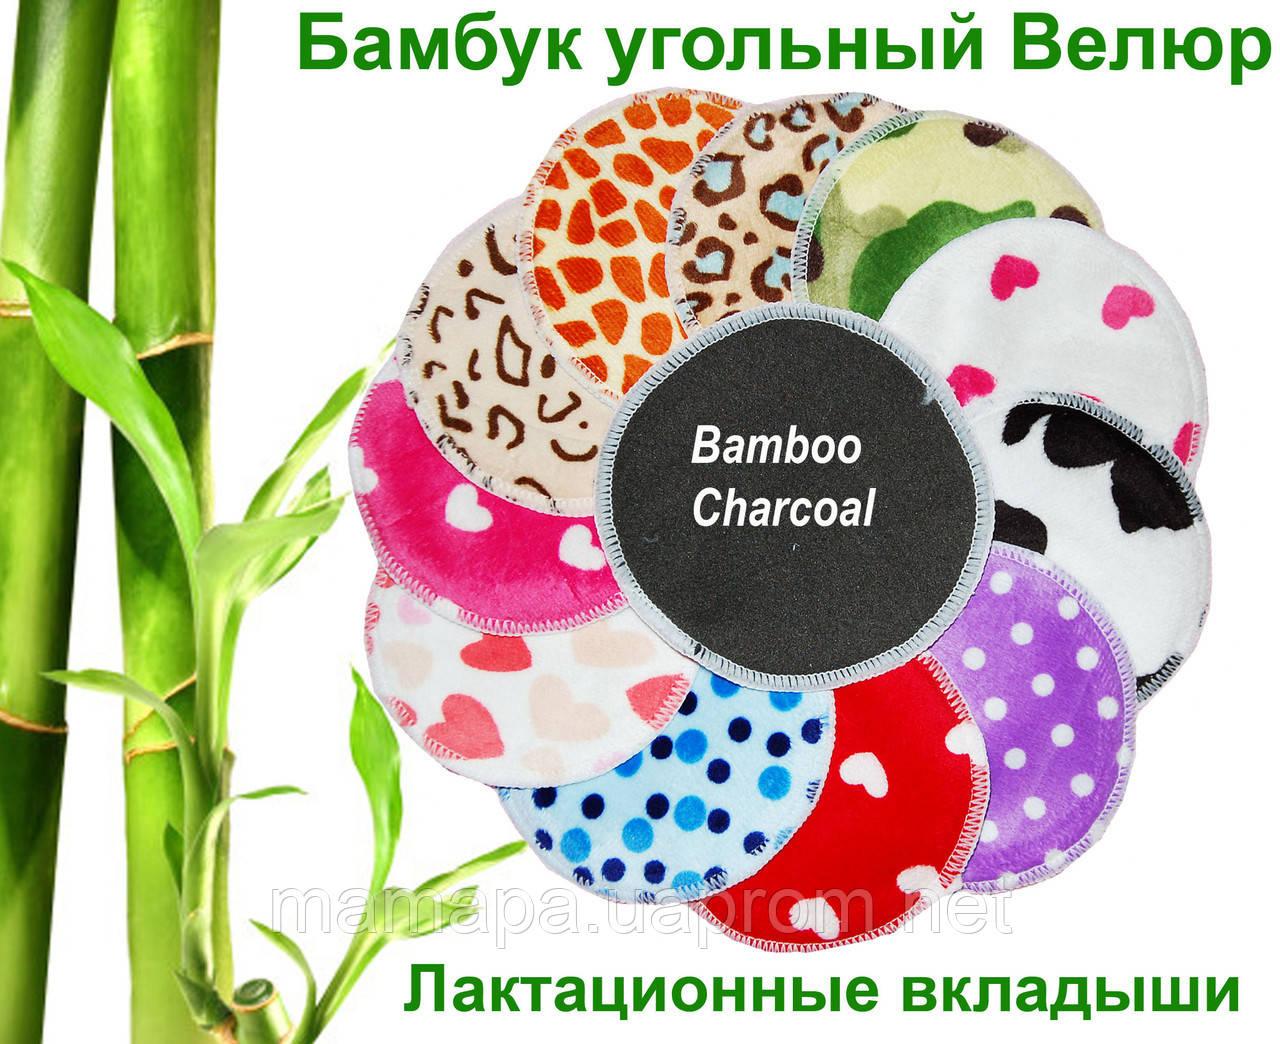 729a94aecc5b Лактационные вкладыши многоразовые непромокаемые (бамбуковые угольные,  велюровые), ...